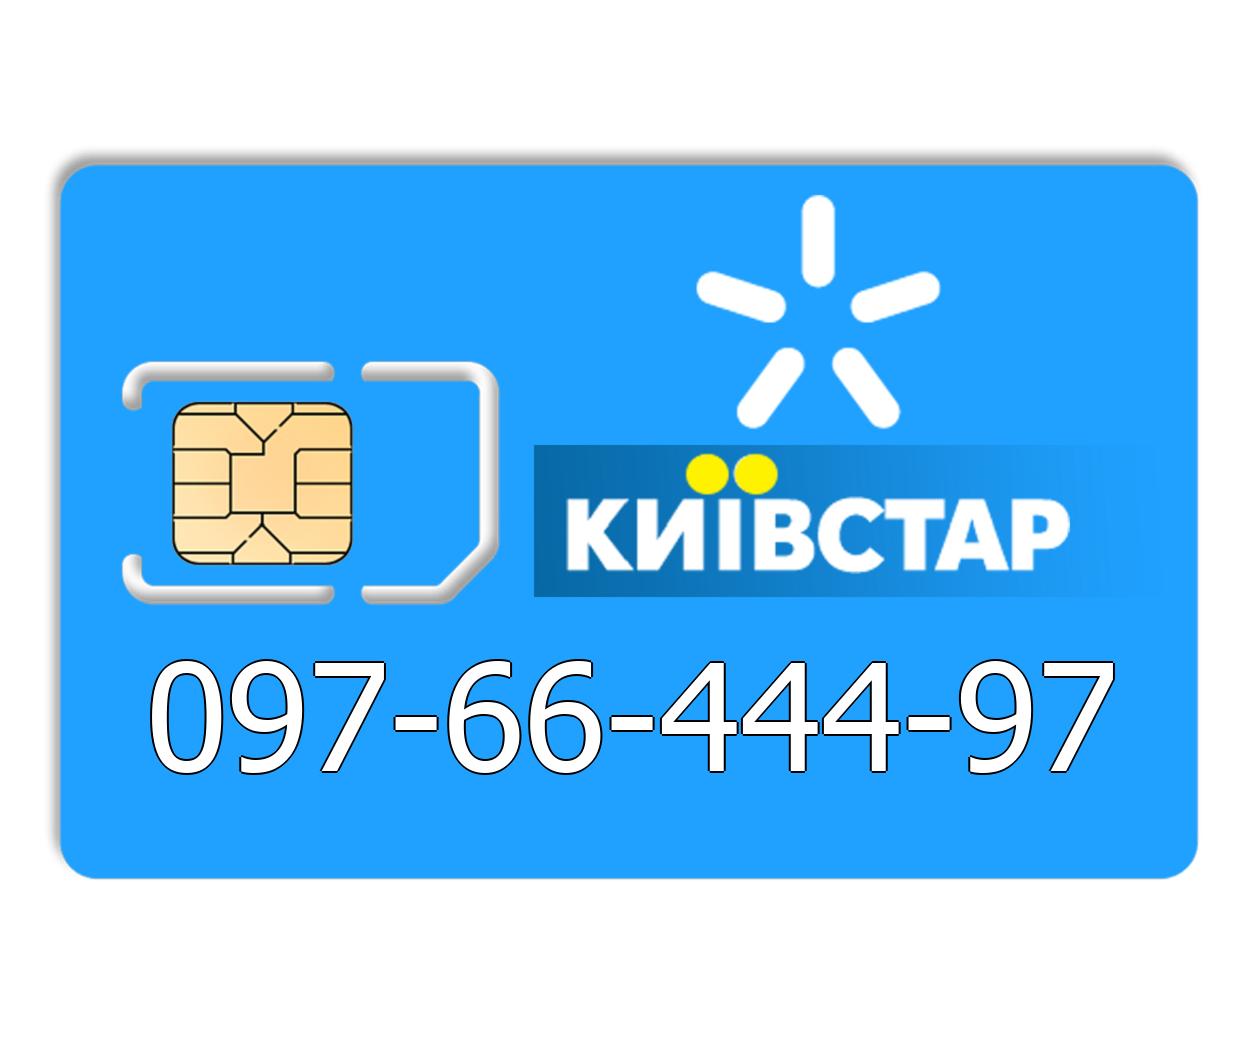 Красивый номер Киевстар 097-66-444-97